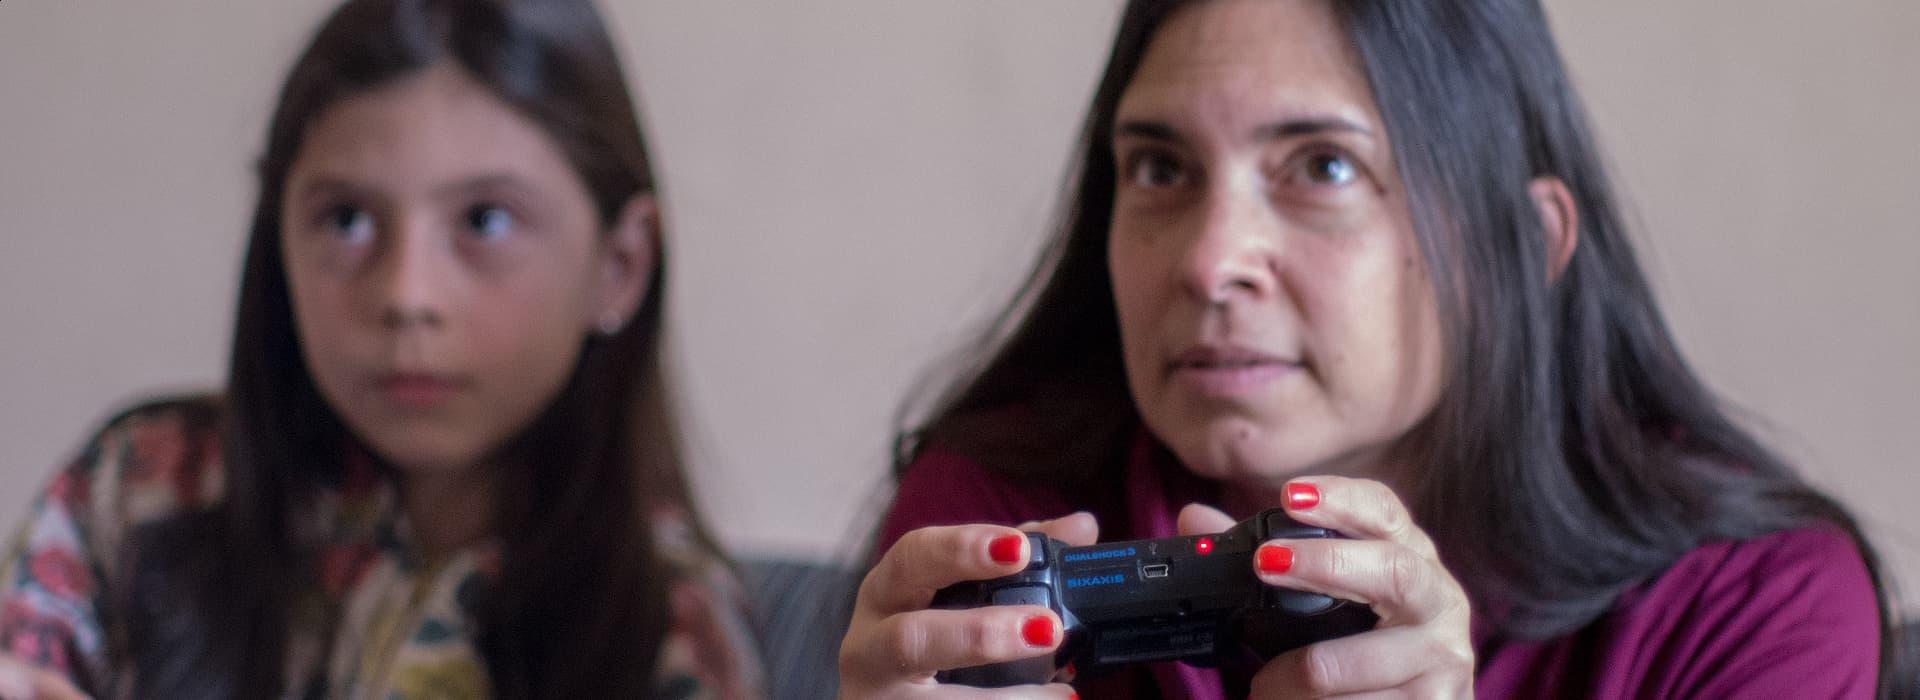 Imagen | Habilidades asociadas a los videojuegos